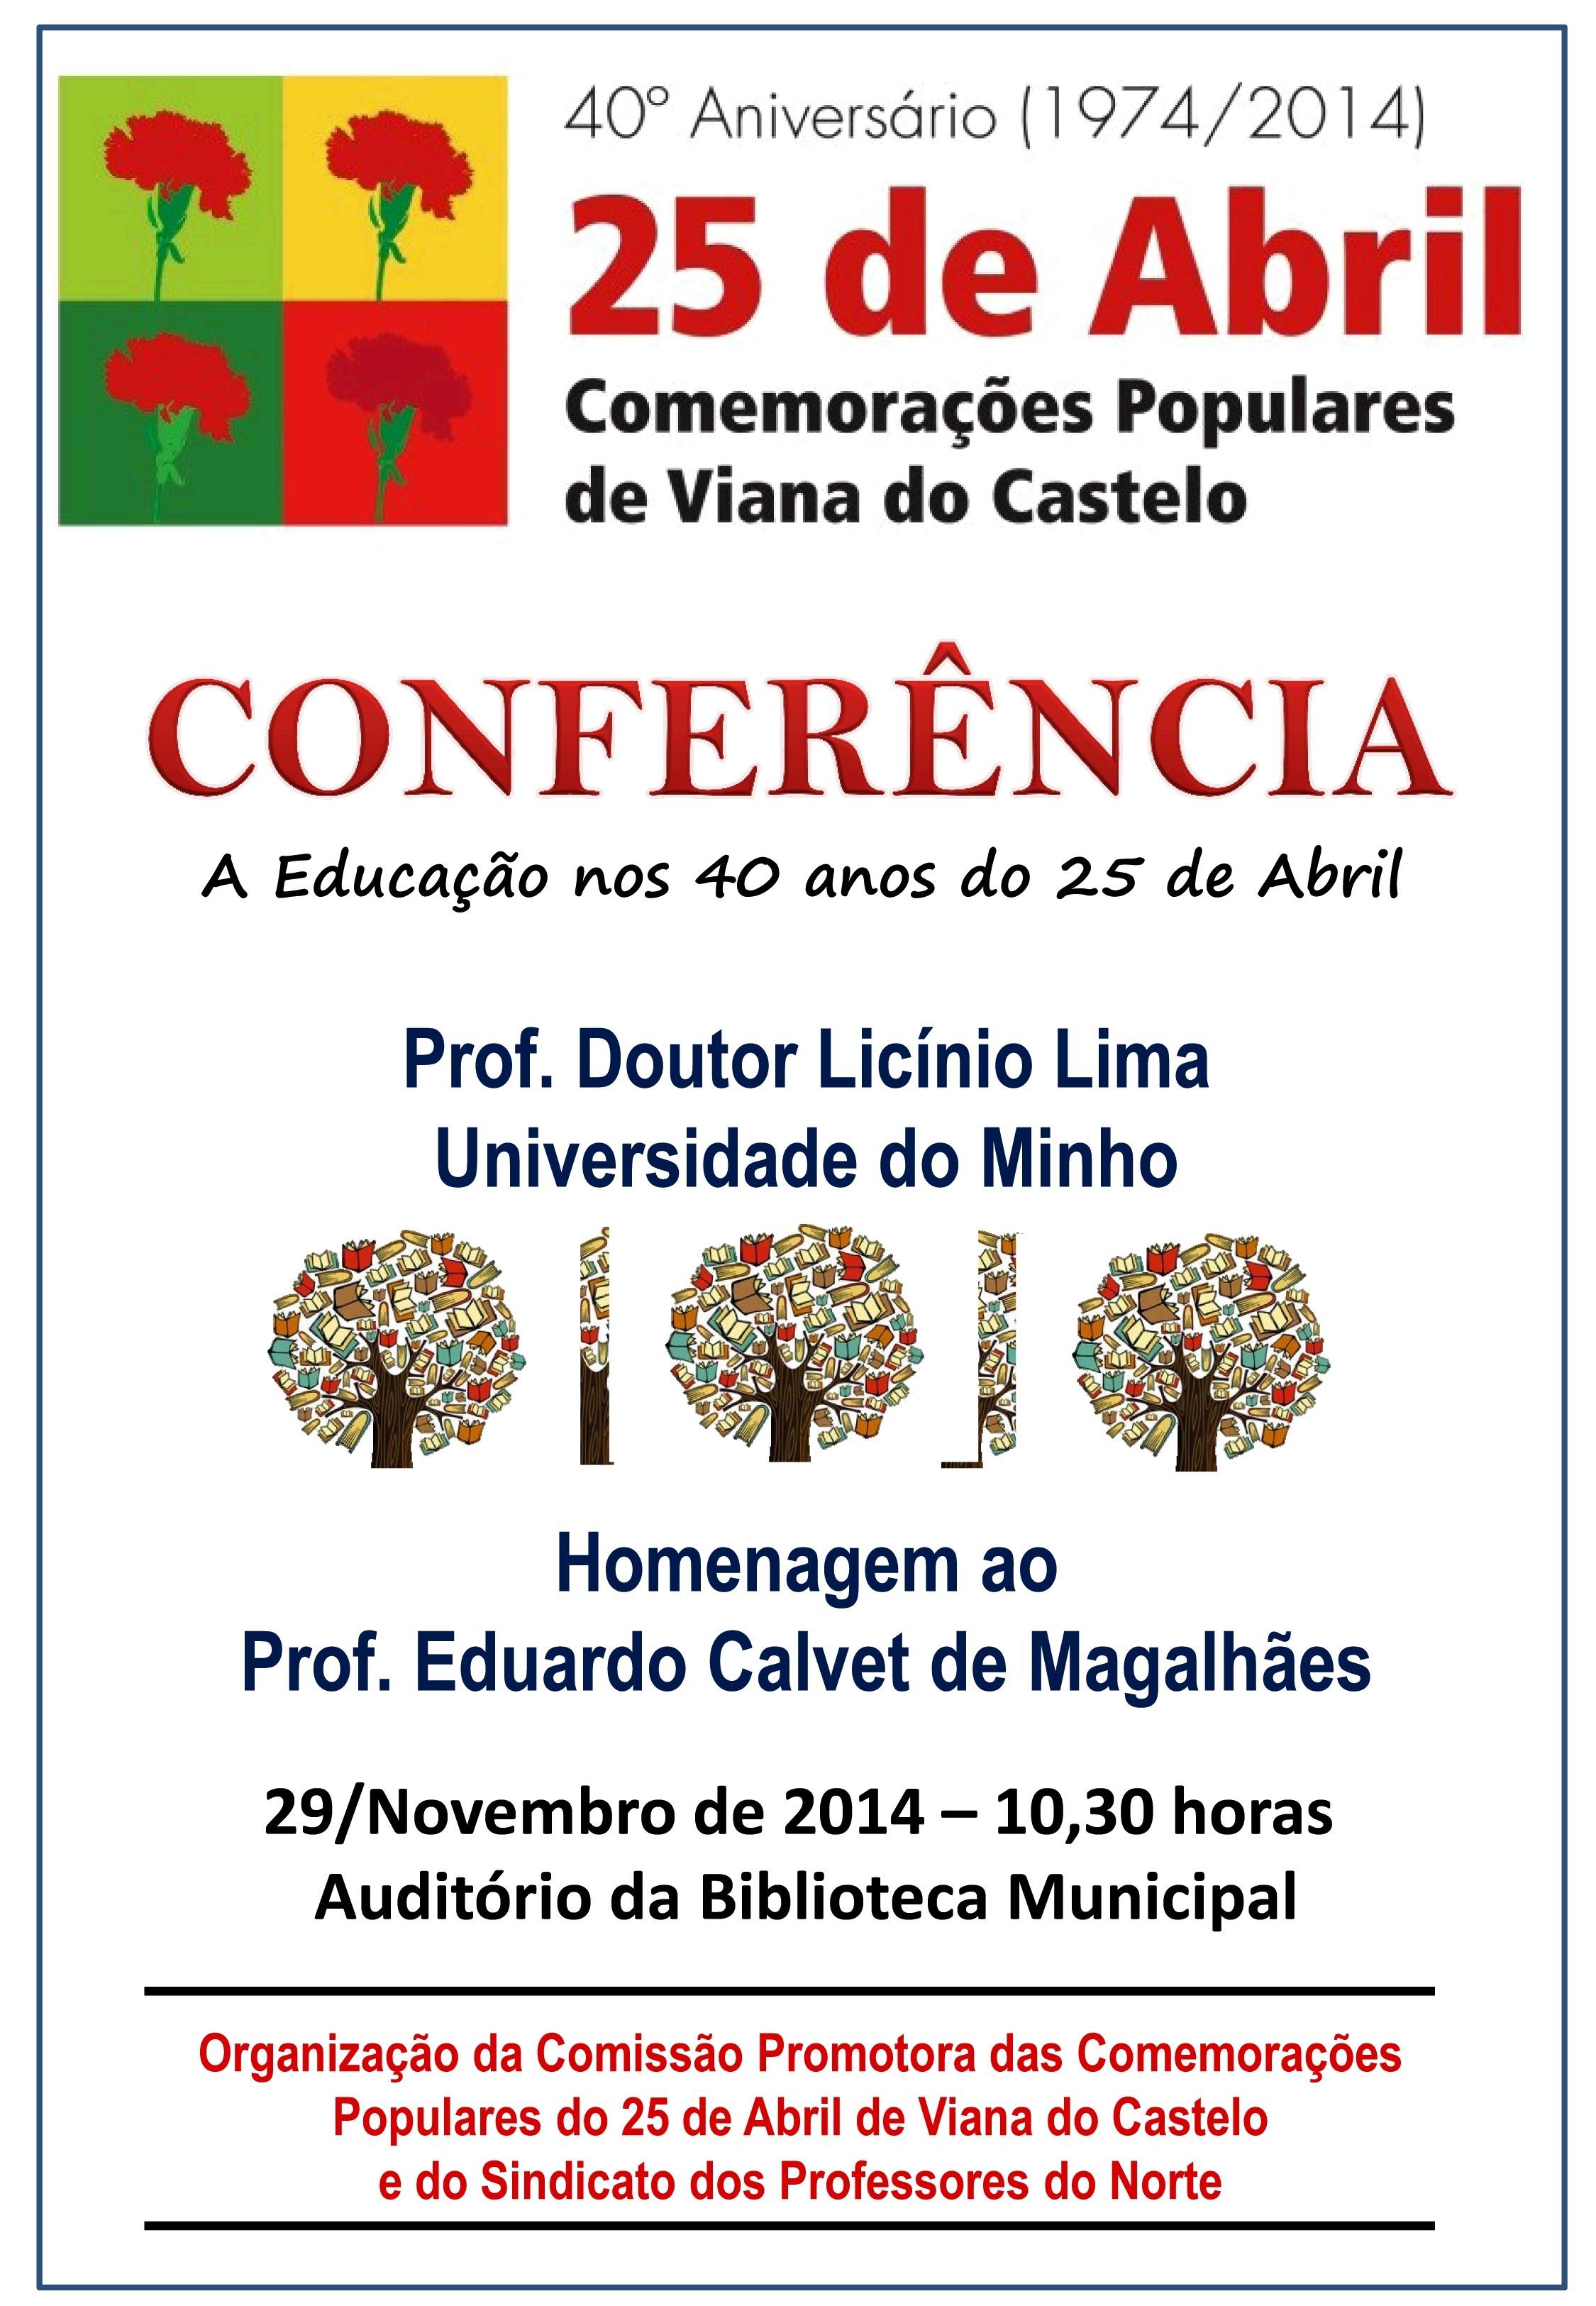 https://sites.google.com/a/centroculturaldoaltominho.org/ccam/actividades-realizadas/2014/Debate_Educa%C3%A7%C3%A3o.jpg